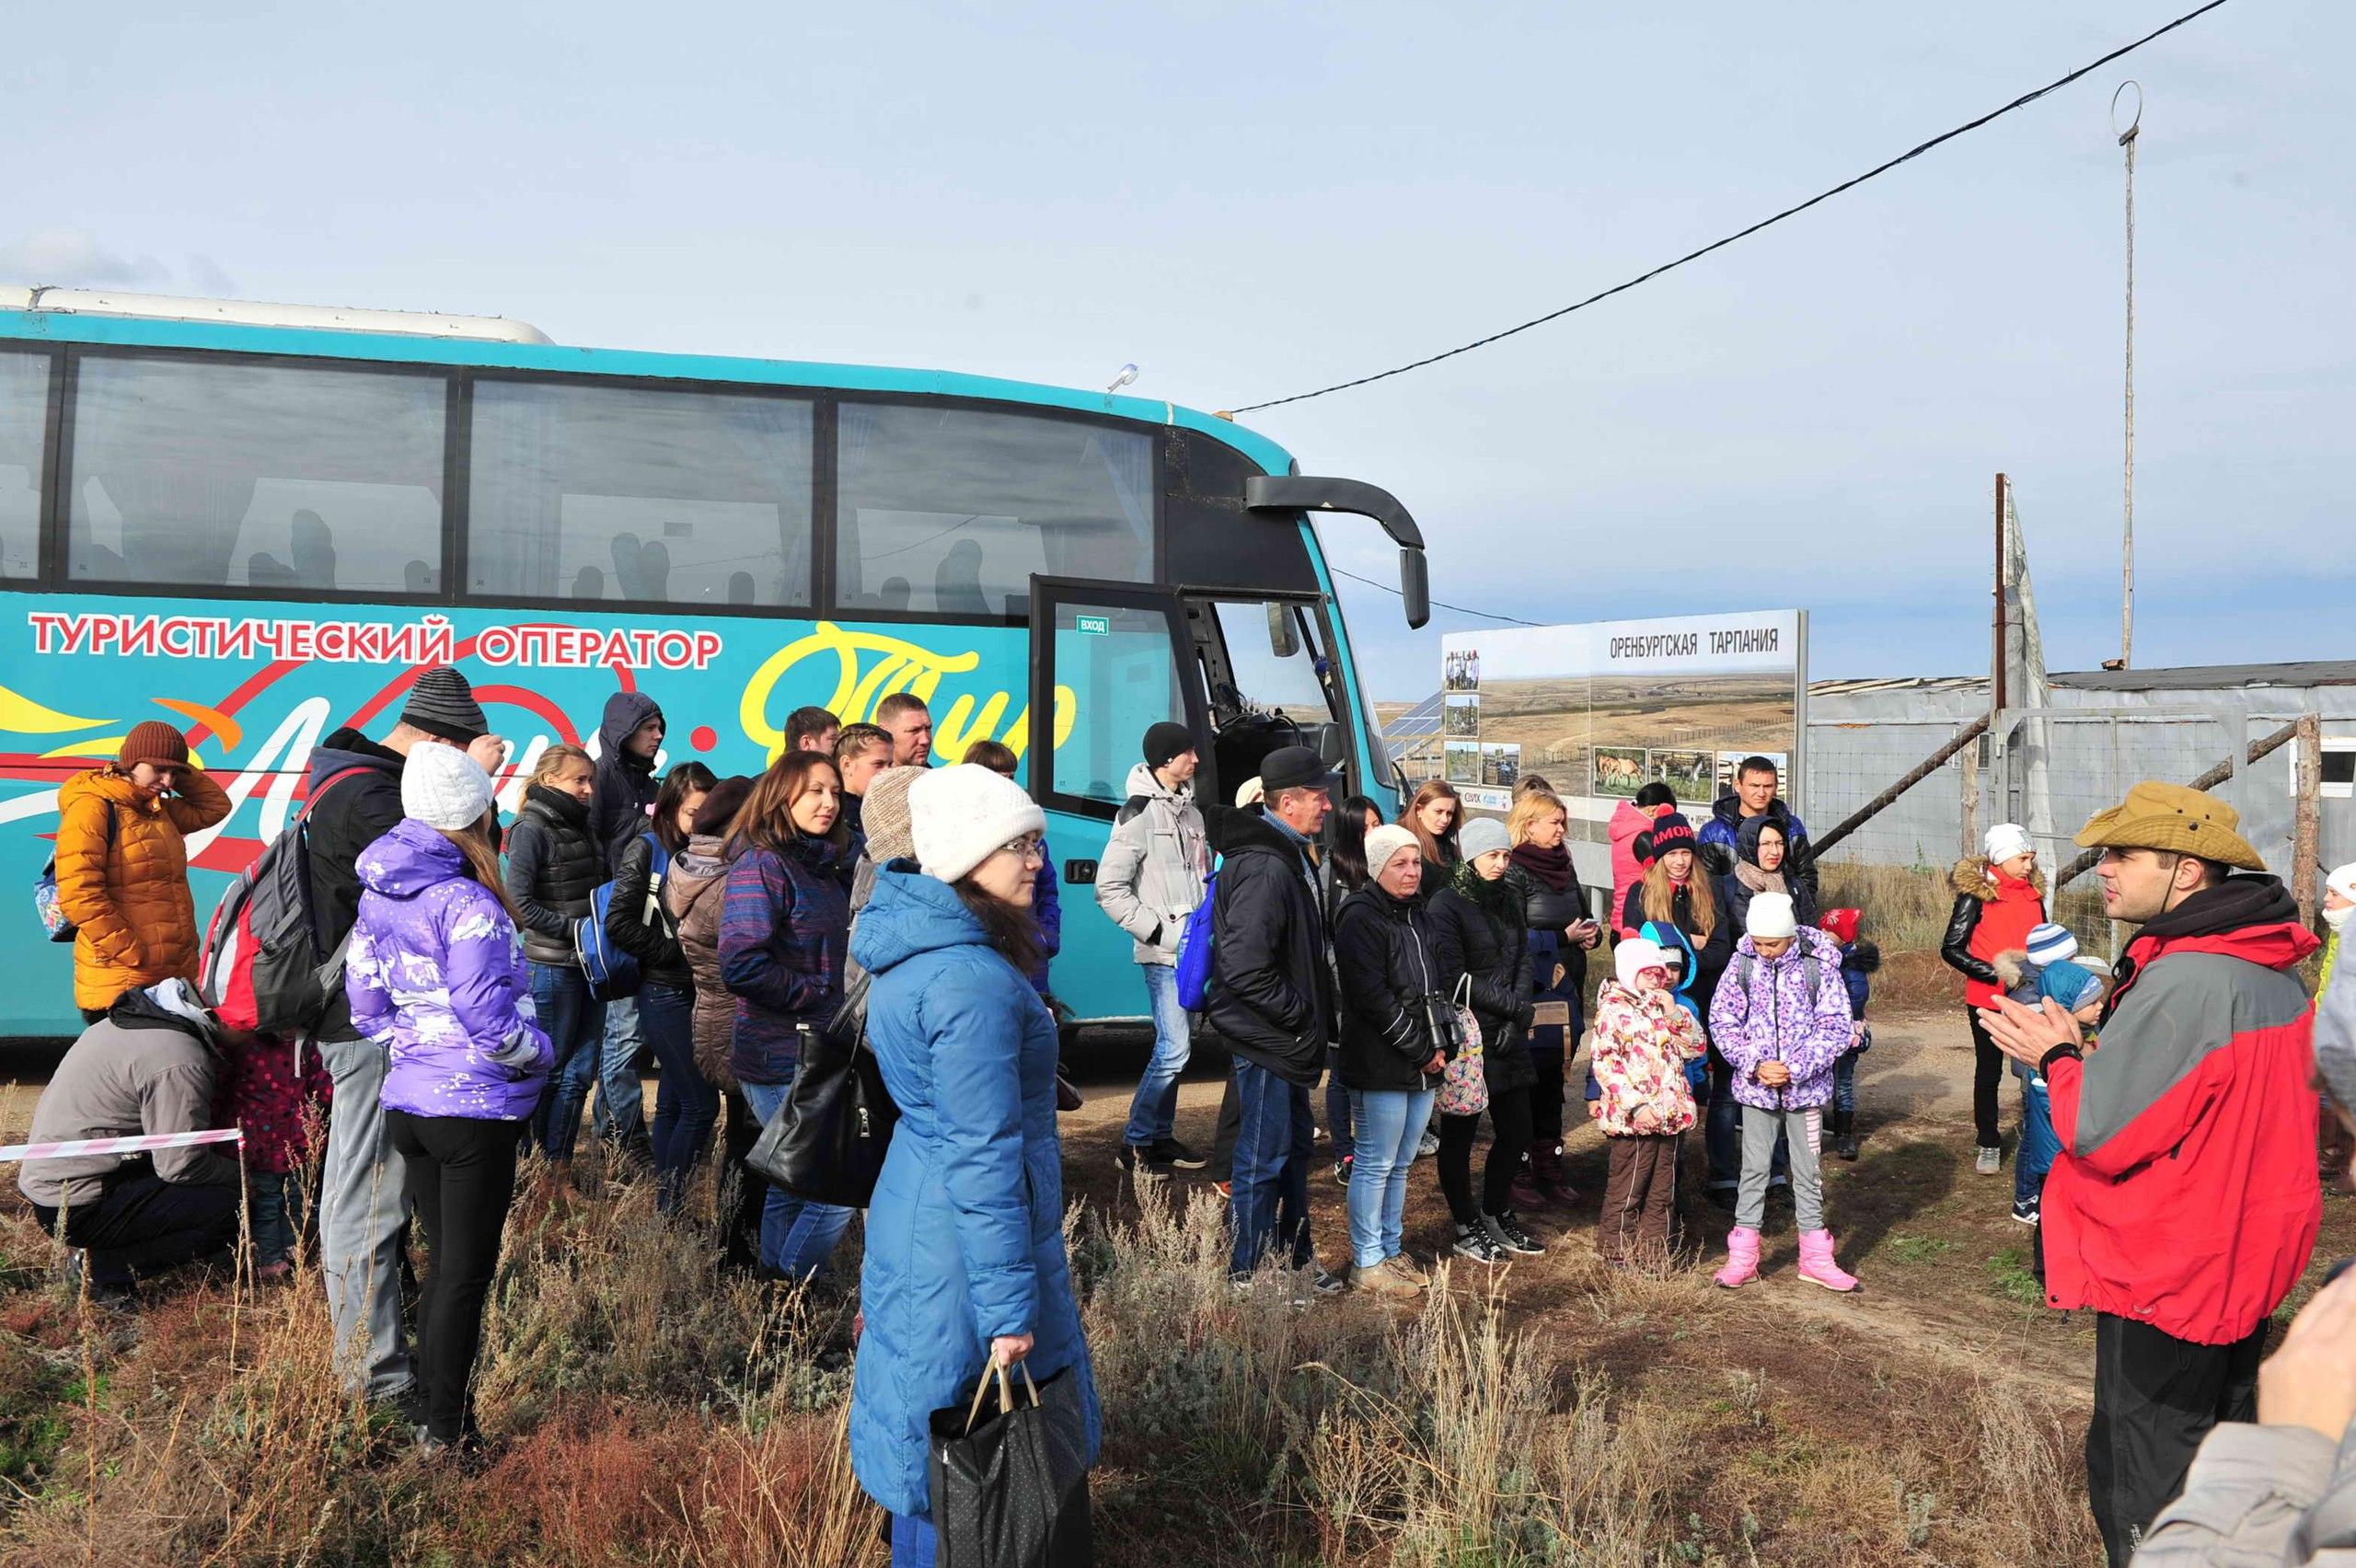 Начало экскурсии в «Оренбургскую Тарпанию»